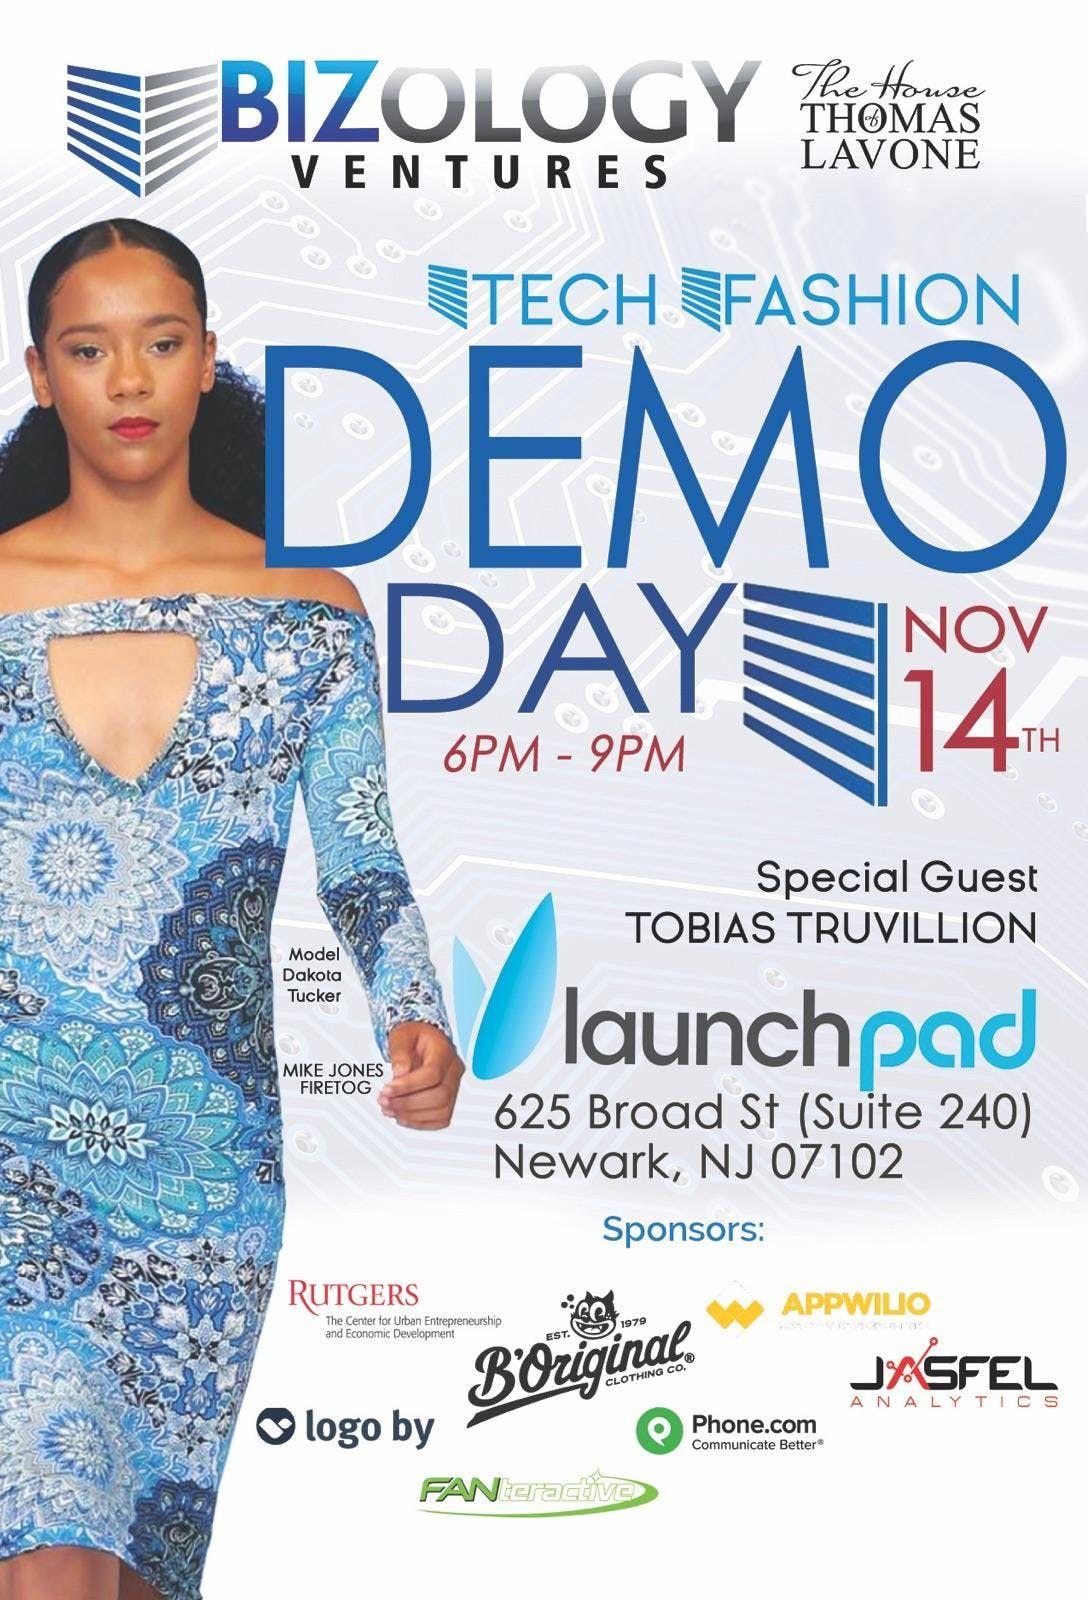 Bizology Ventures TechFashion Demo Day